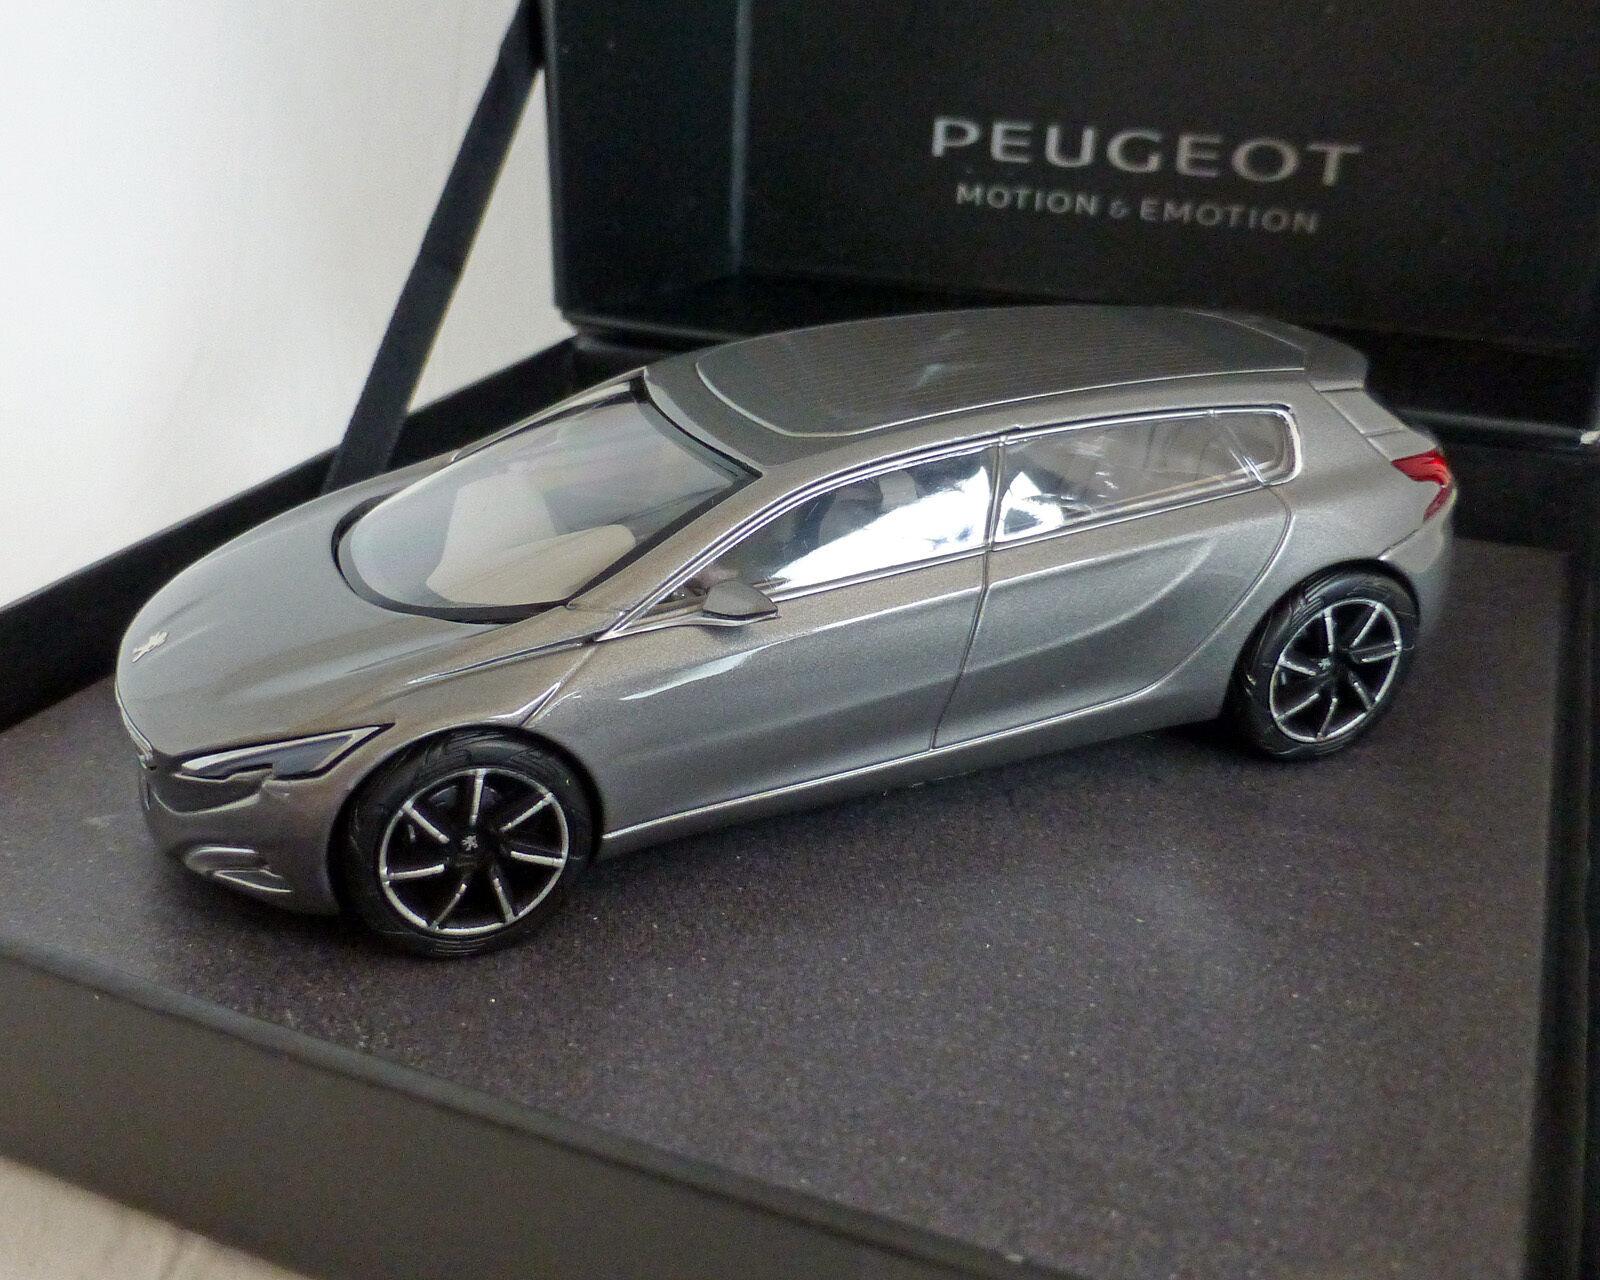 Peugeot HX 1, Concept-Car, NOREV, 1 43